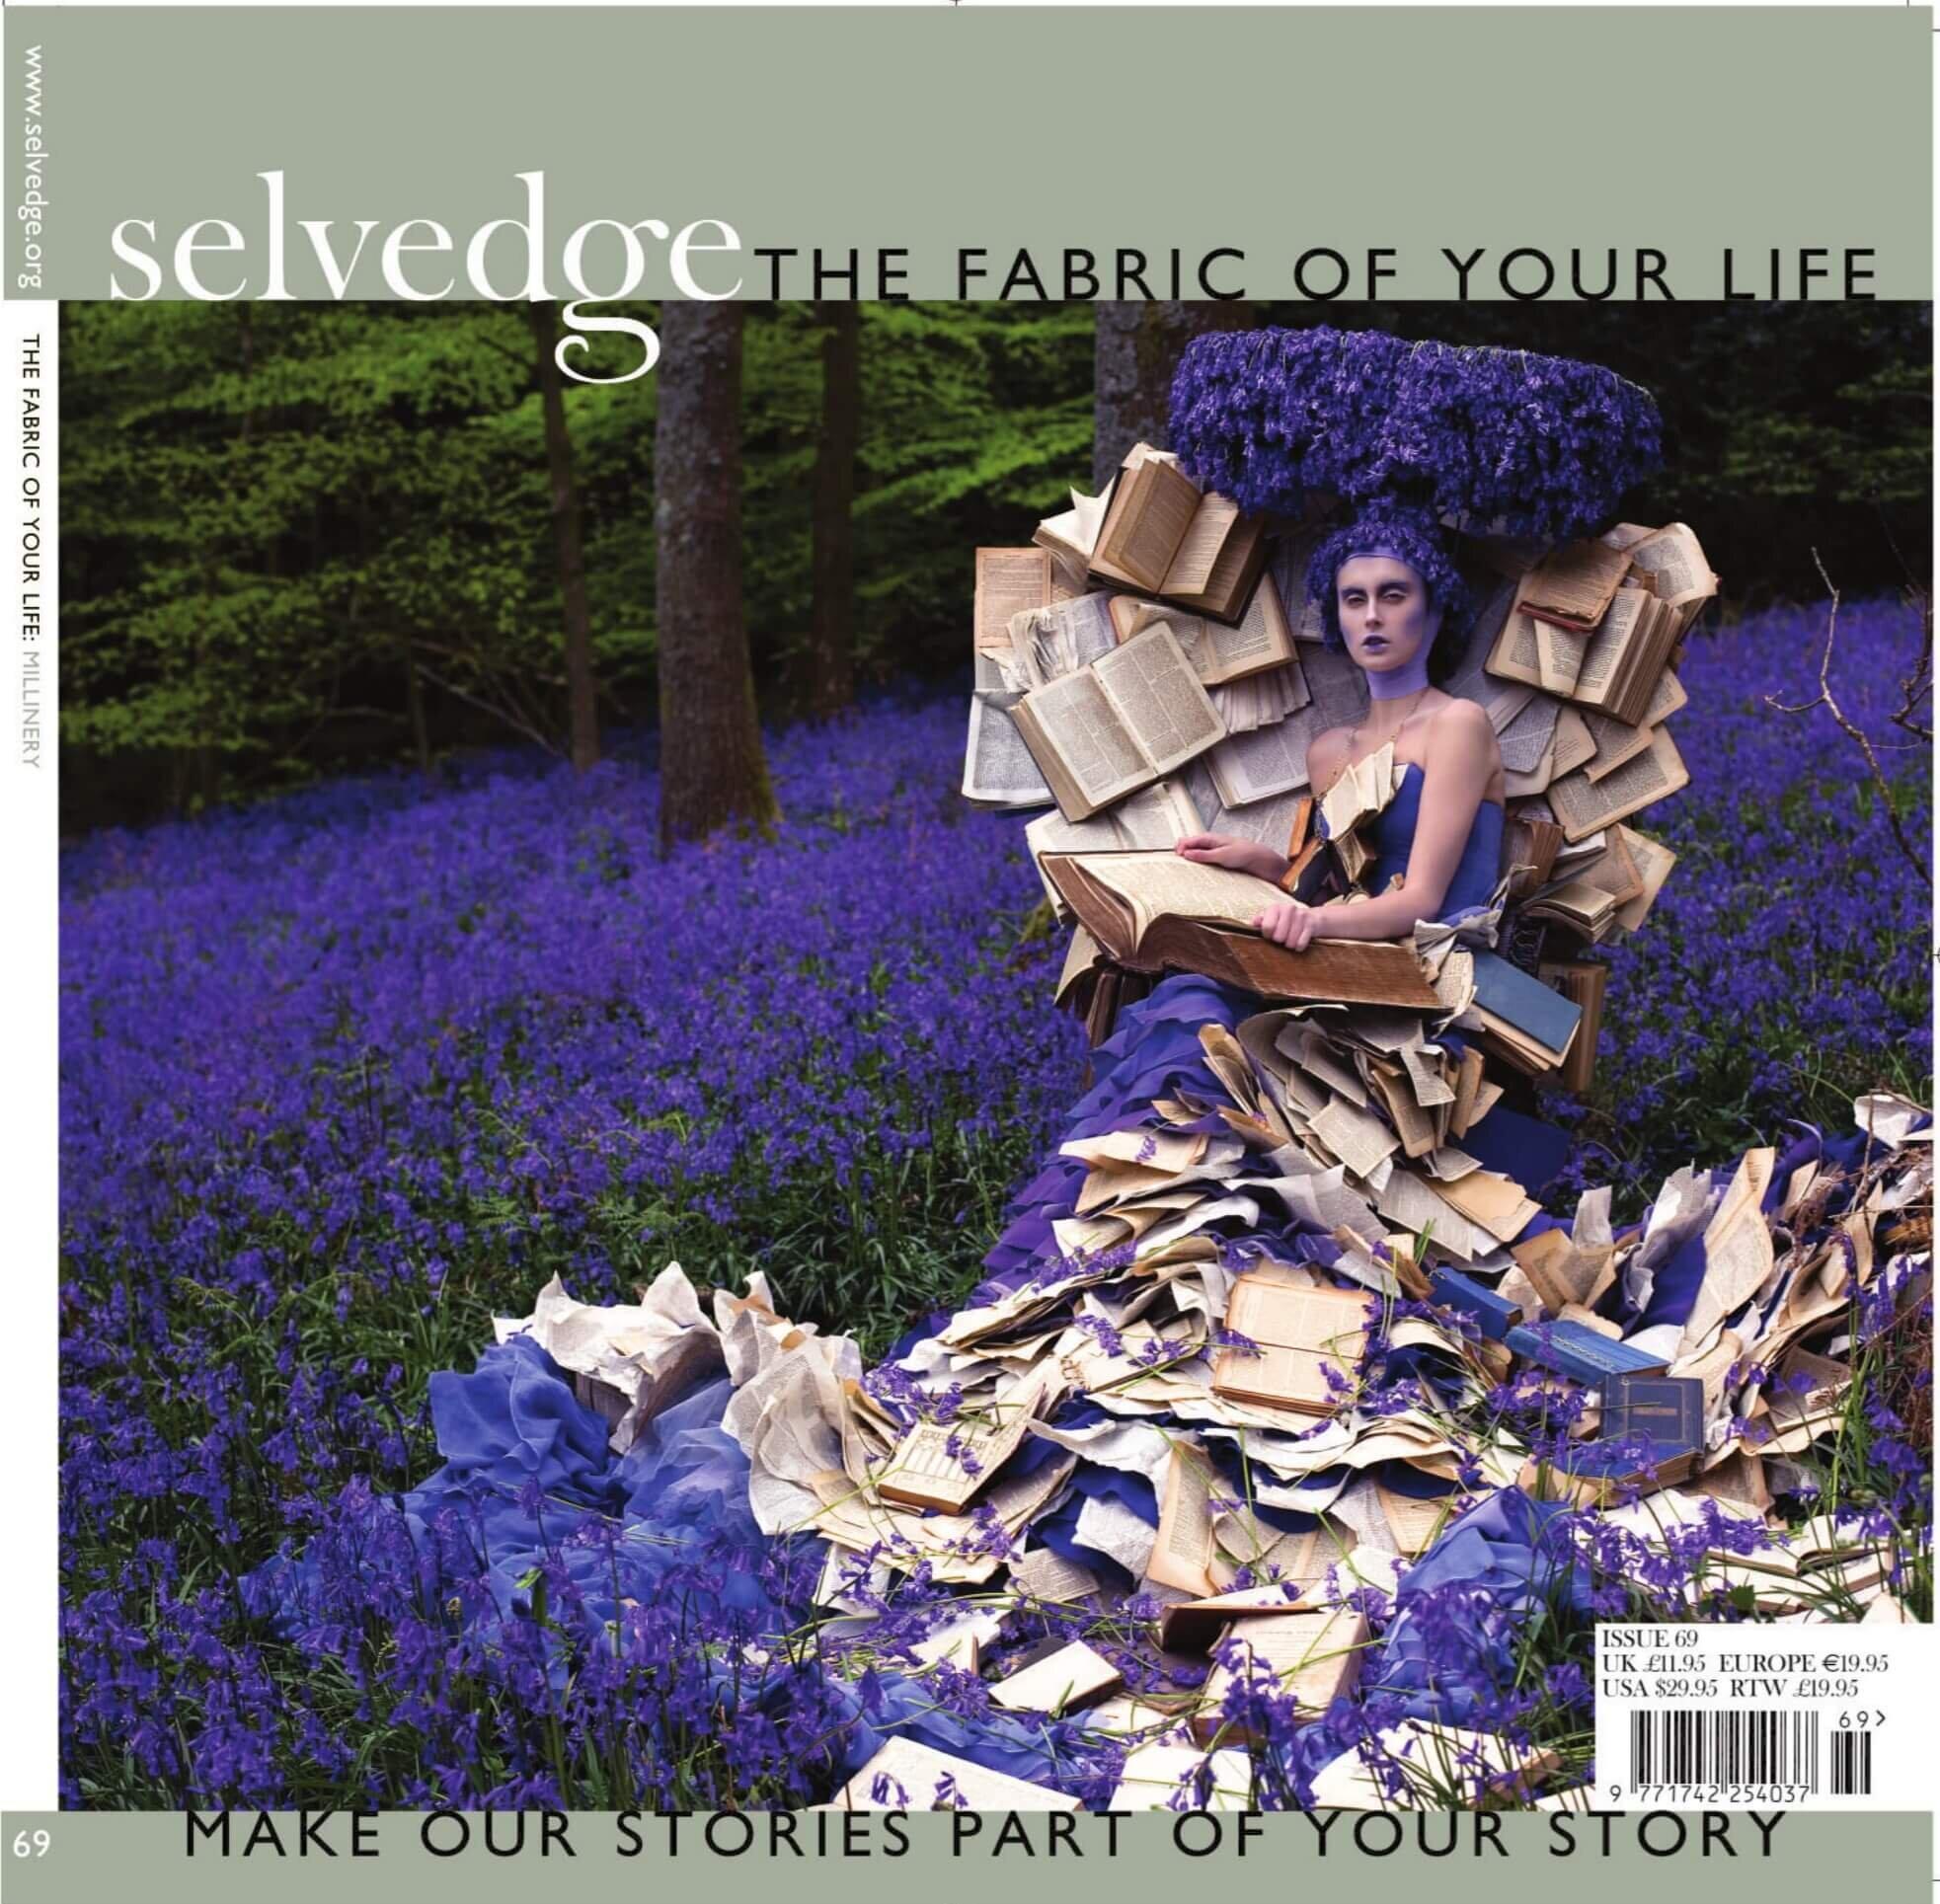 selvedge-issue69-strickland-1.jpg